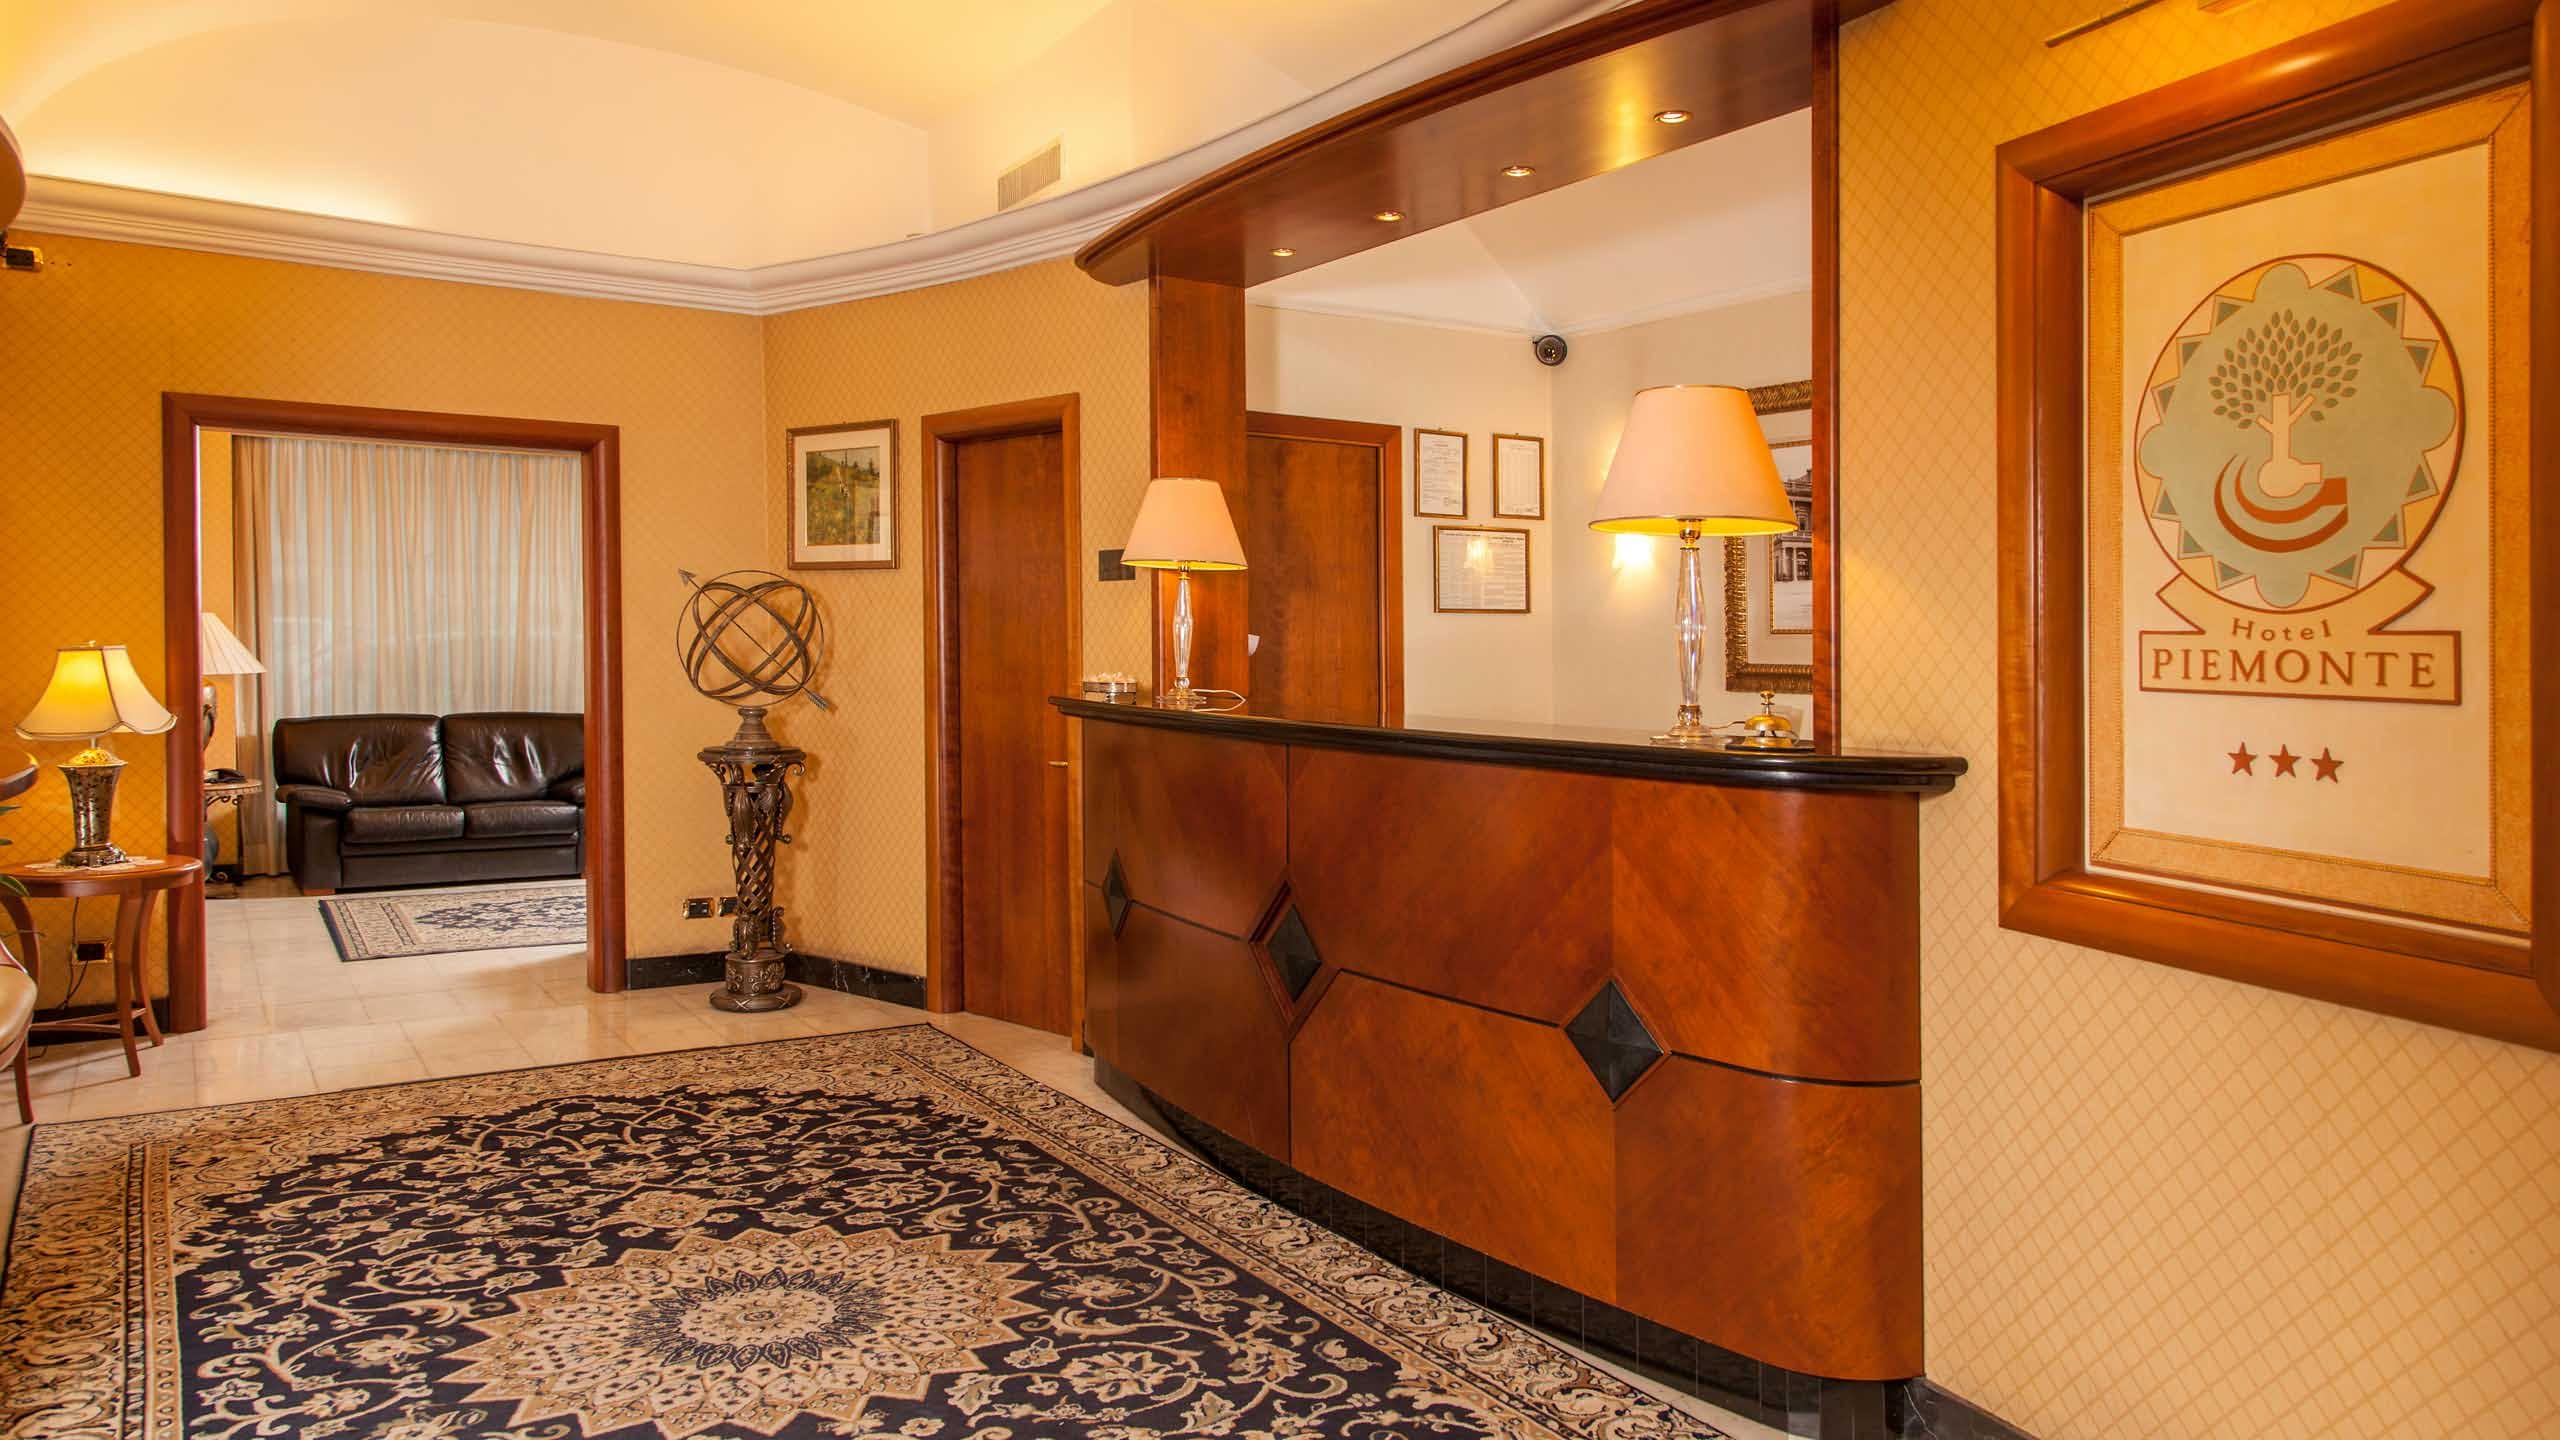 hotel-piemonte-roma-aree-comuni-02